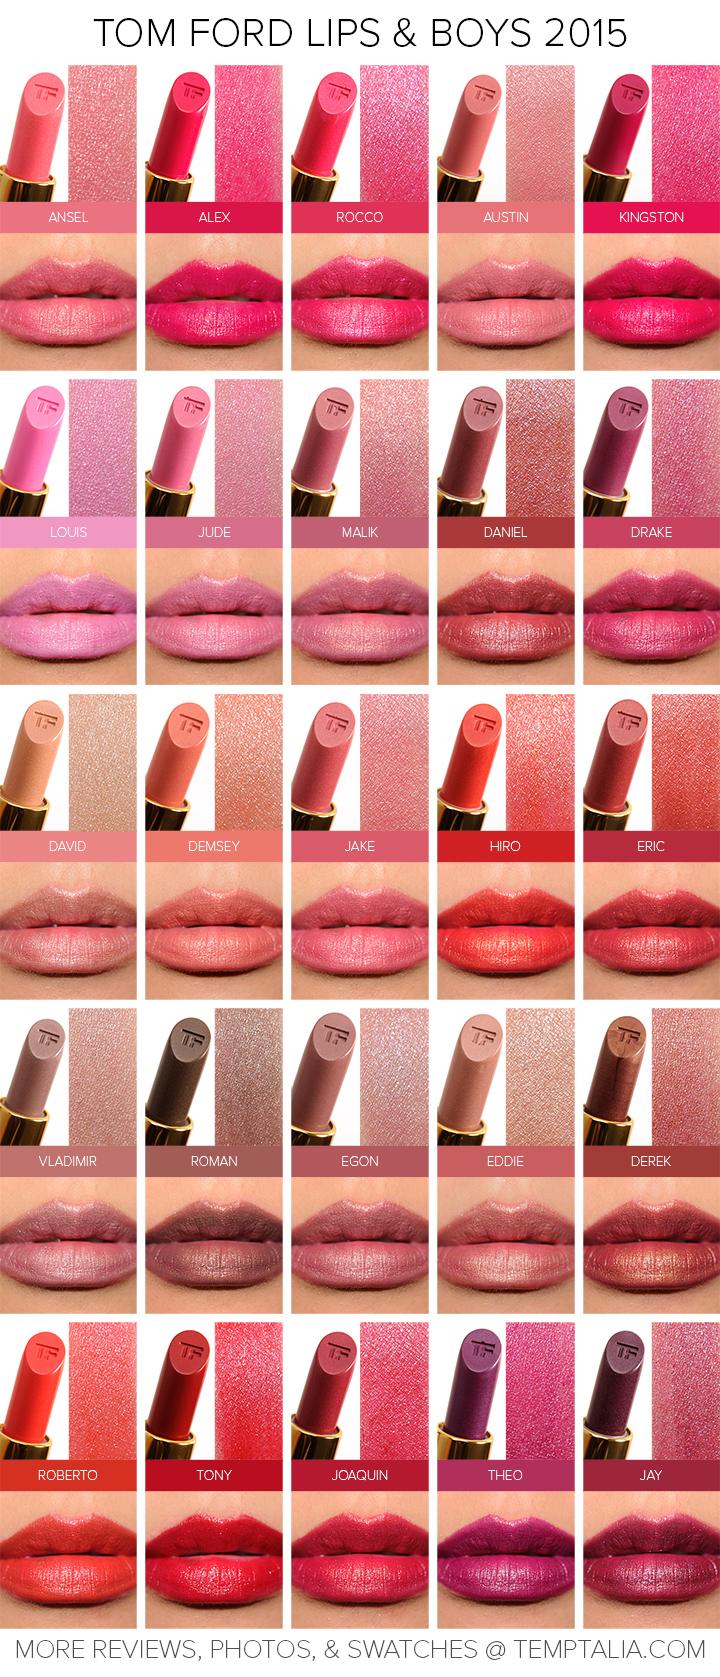 Sneak Peek: Tom Ford Lips & Boys 2015 Swatches & Photos